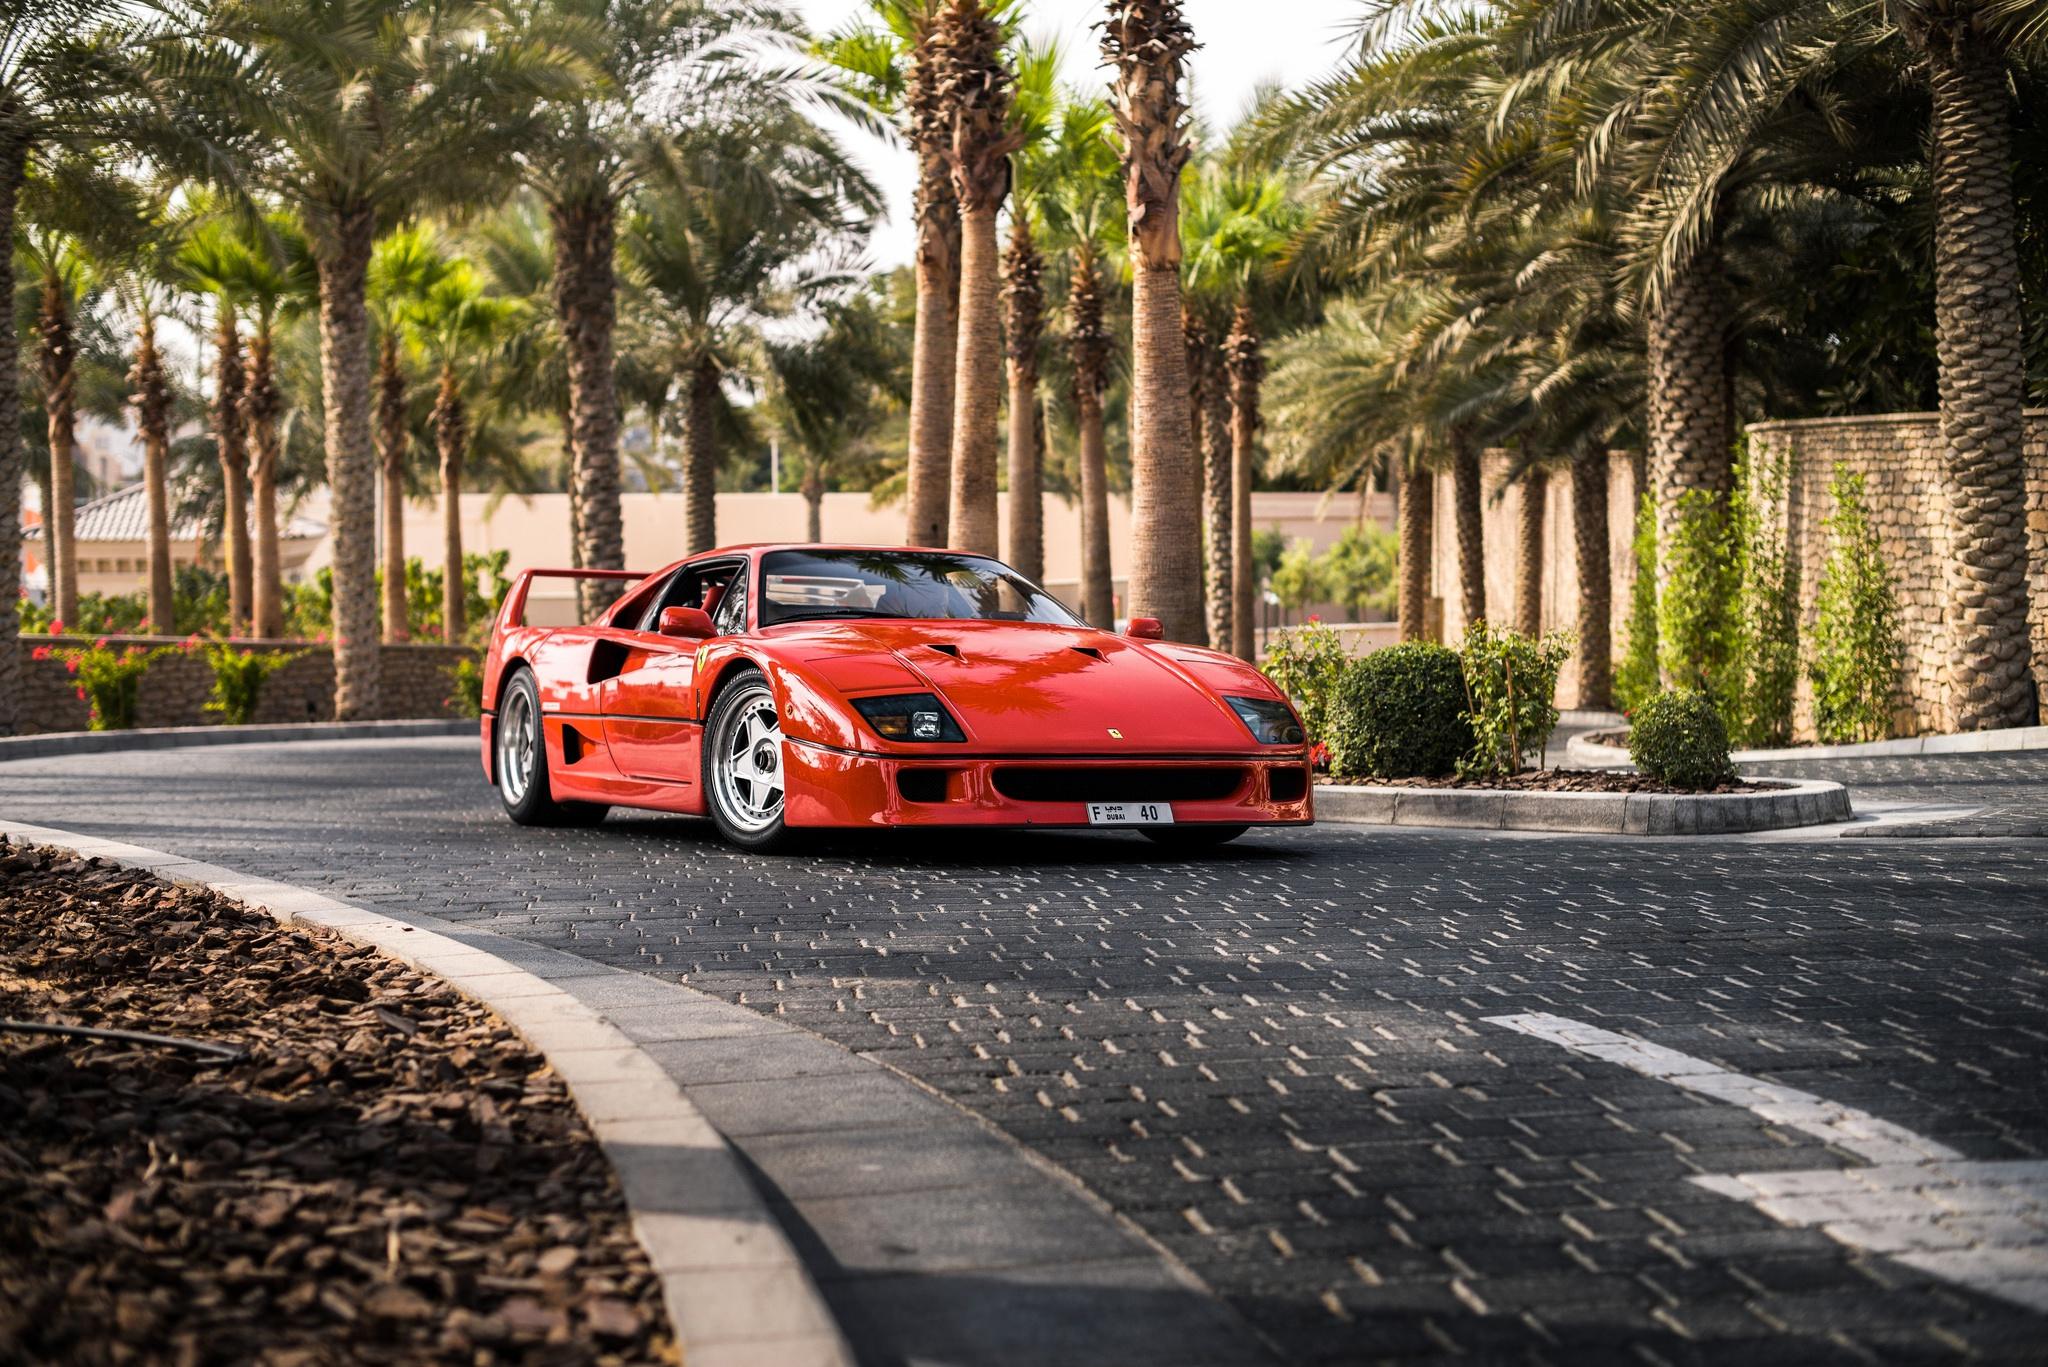 Ferrari F40 HD Wallpaper